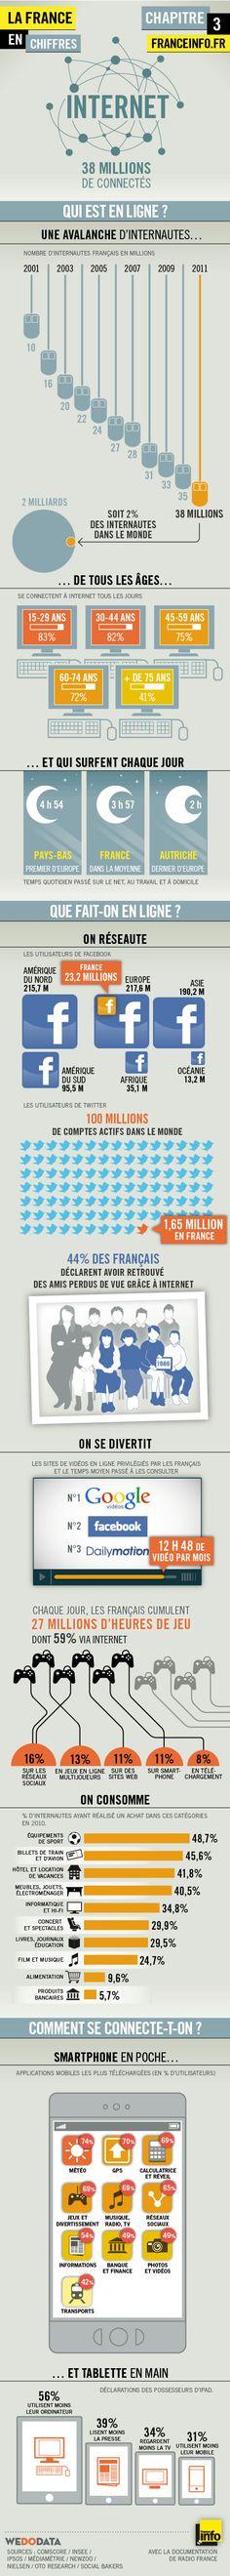 Internet en France                                                                                                                                                                                 More